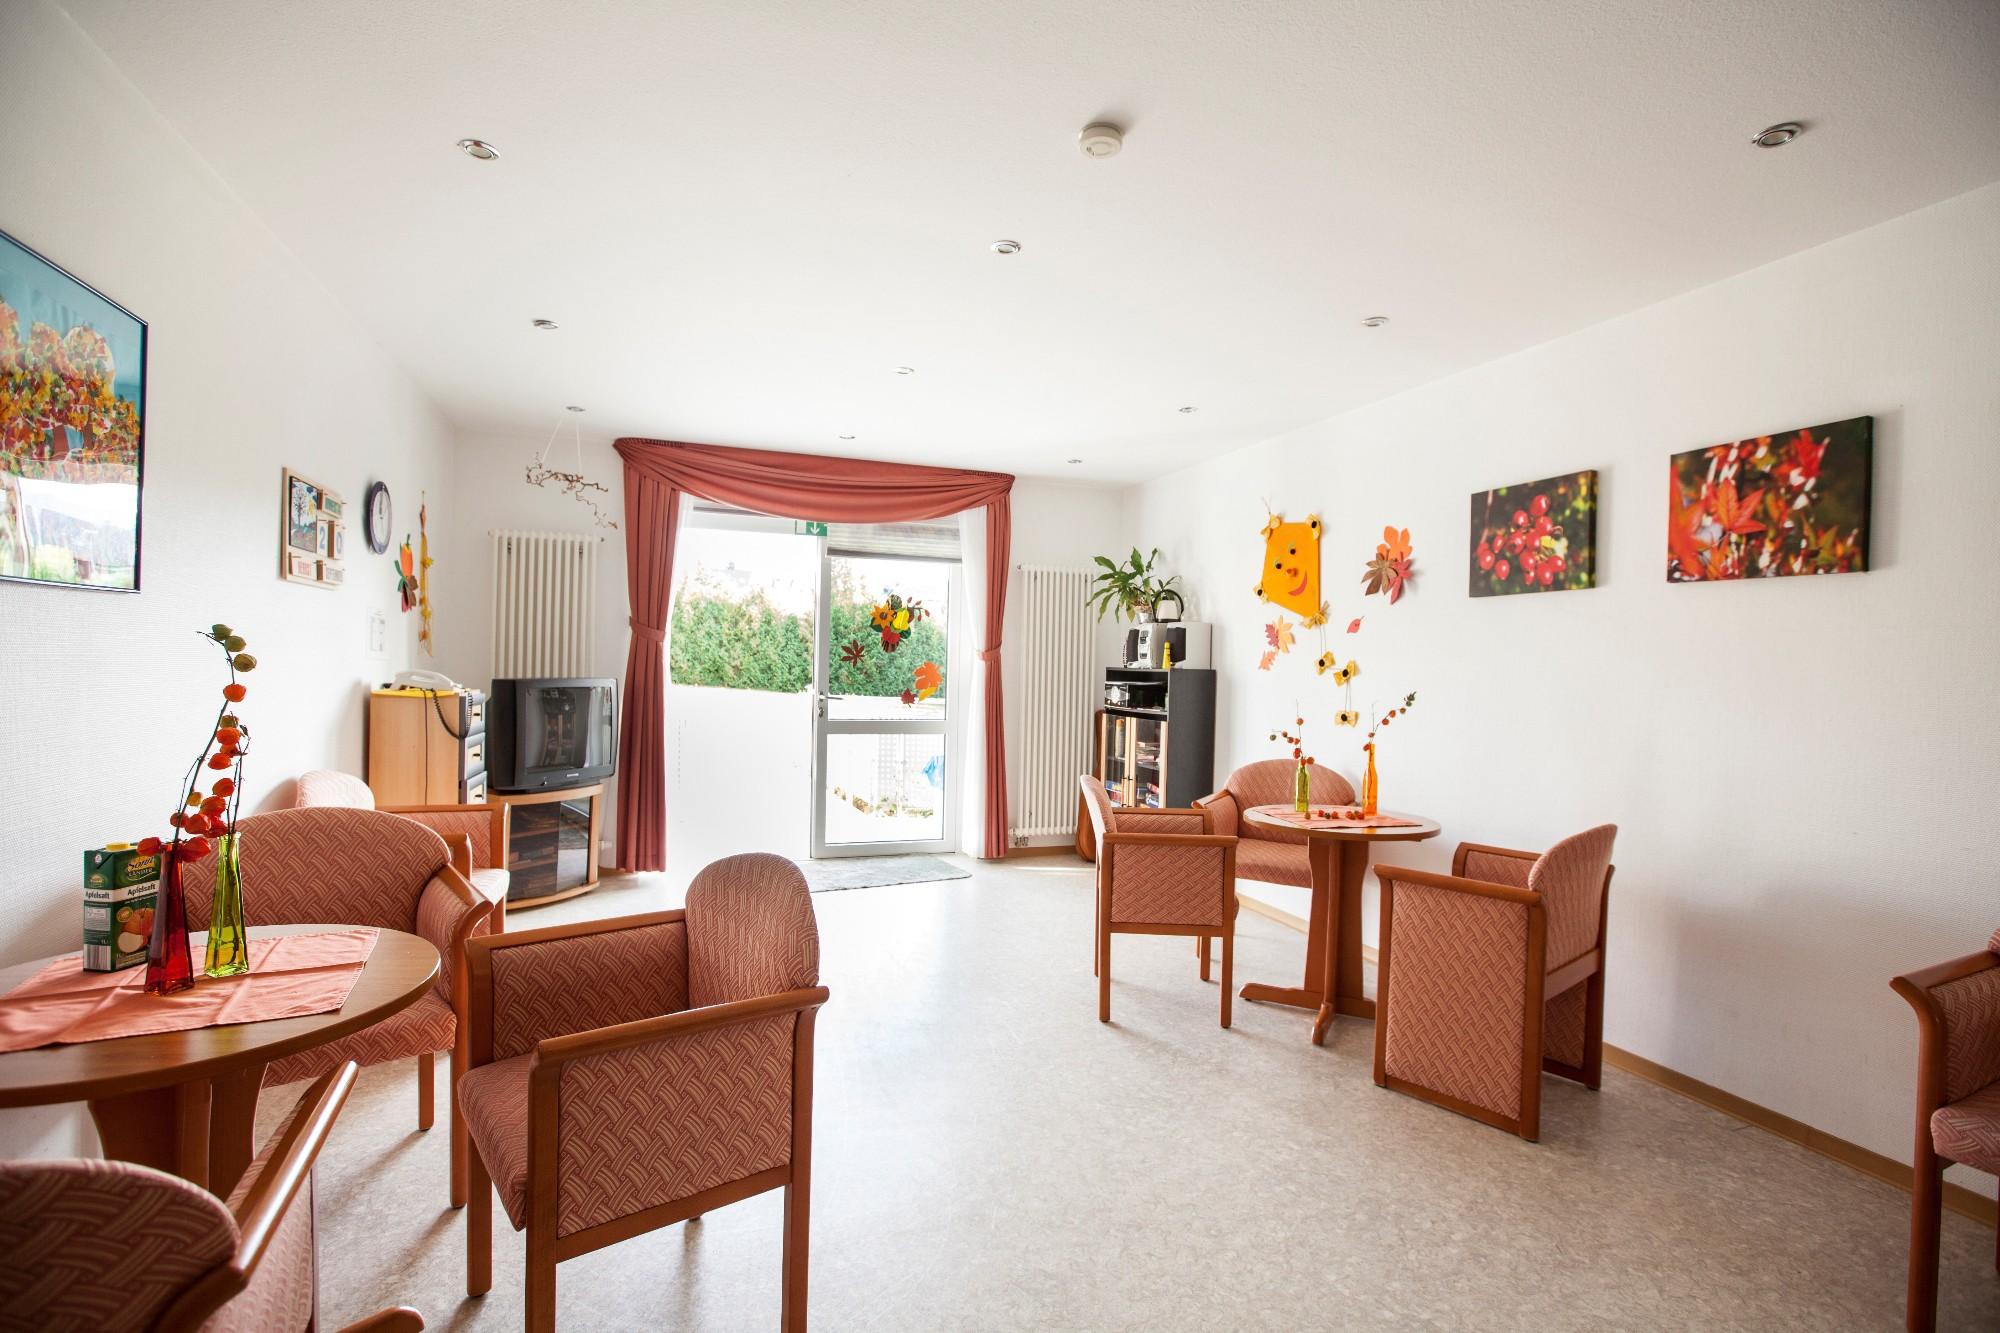 seniorenheim schwann gmbh in straubenhardt auf wohnen im. Black Bedroom Furniture Sets. Home Design Ideas